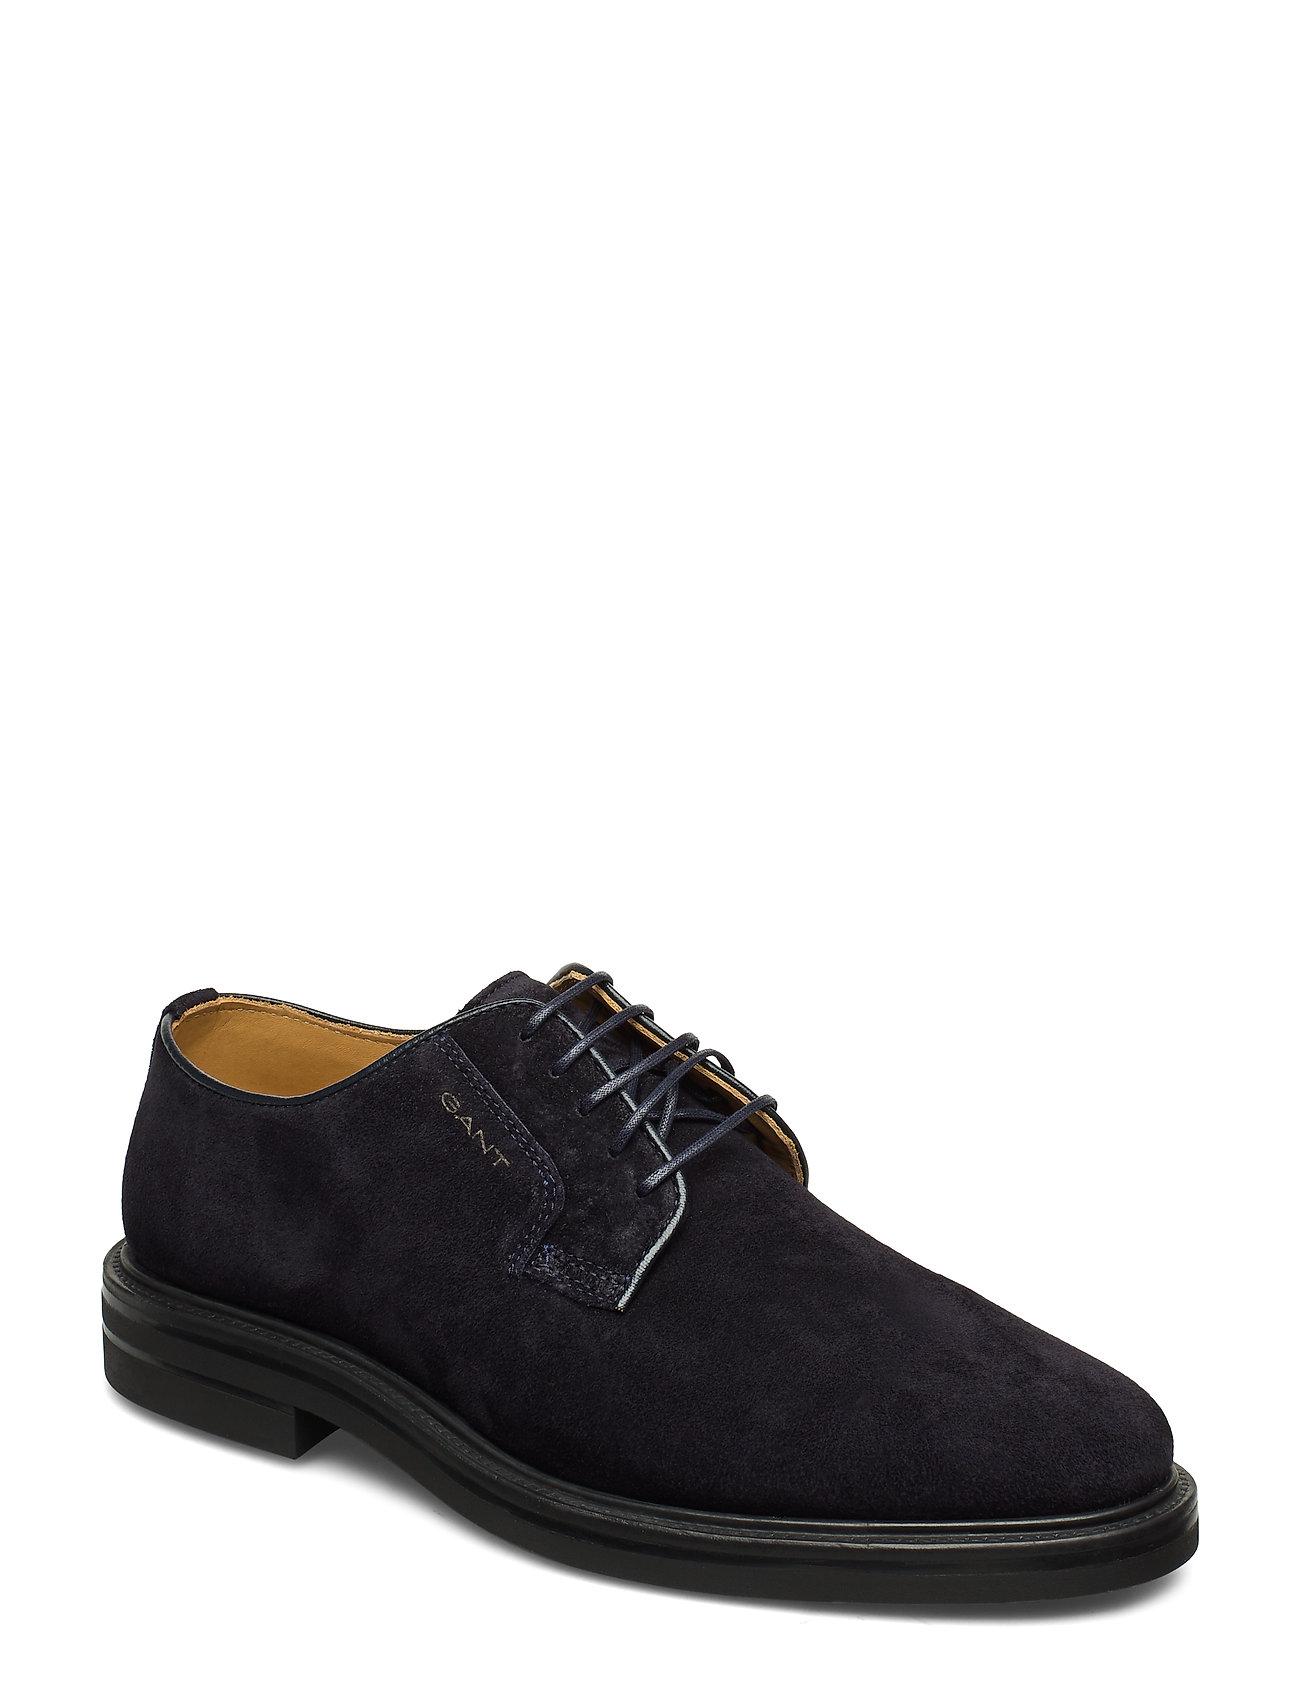 GANT Fargo Low Lace Shoes Shoes Business Laced Shoes Schwarz GANT